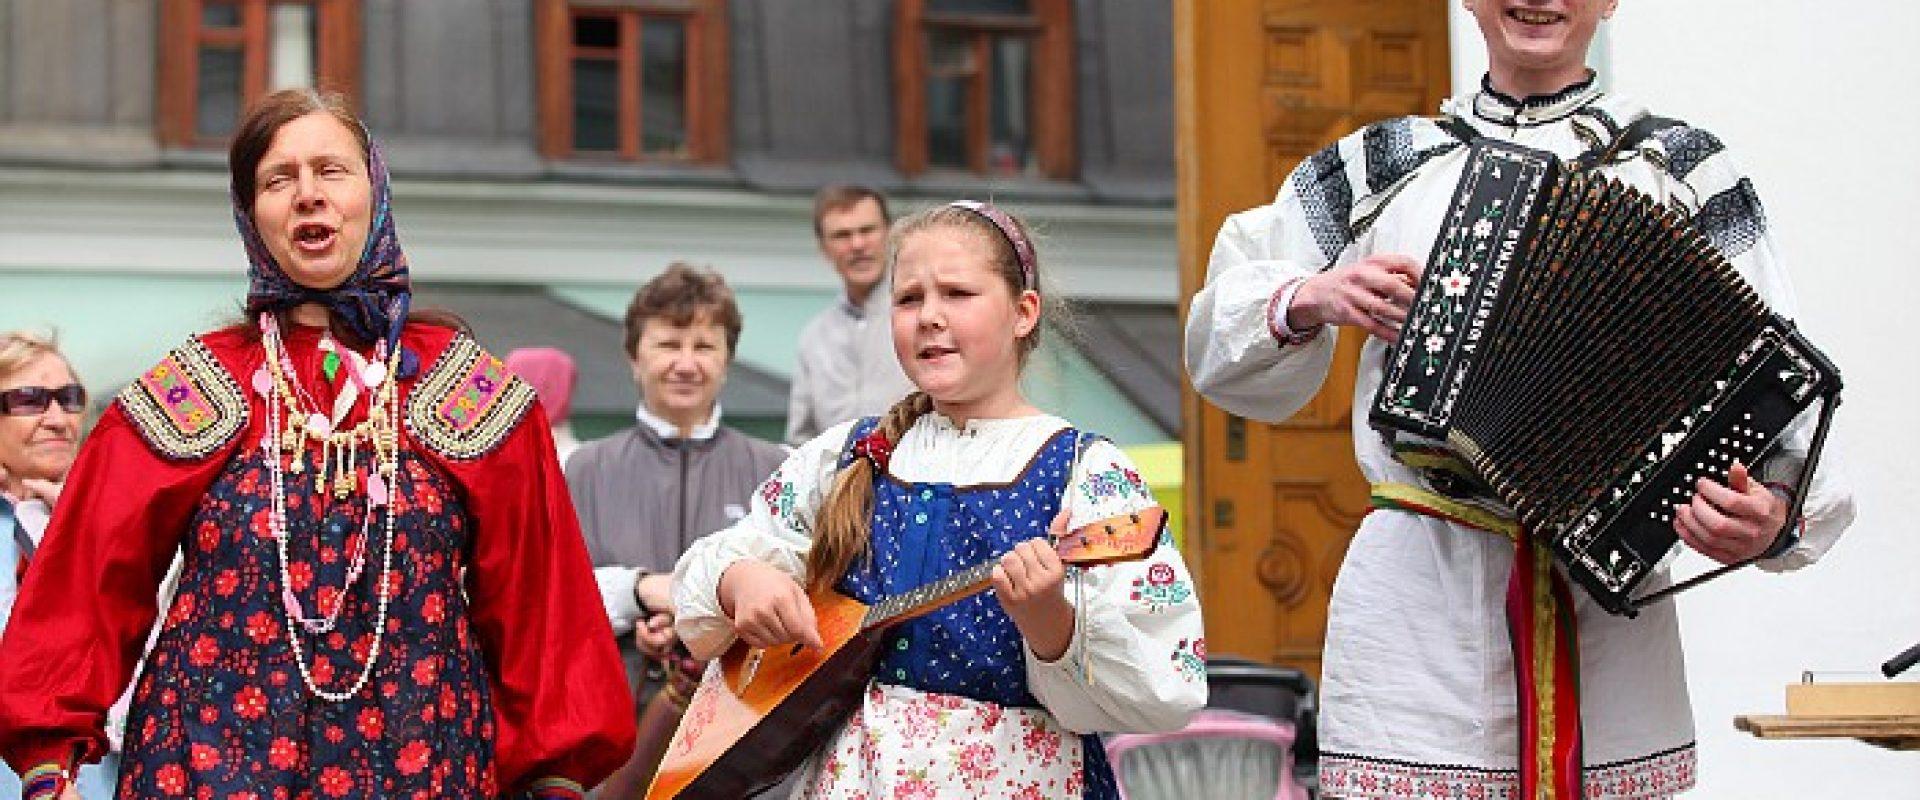 Даниловцы волонтеры Ярмарка